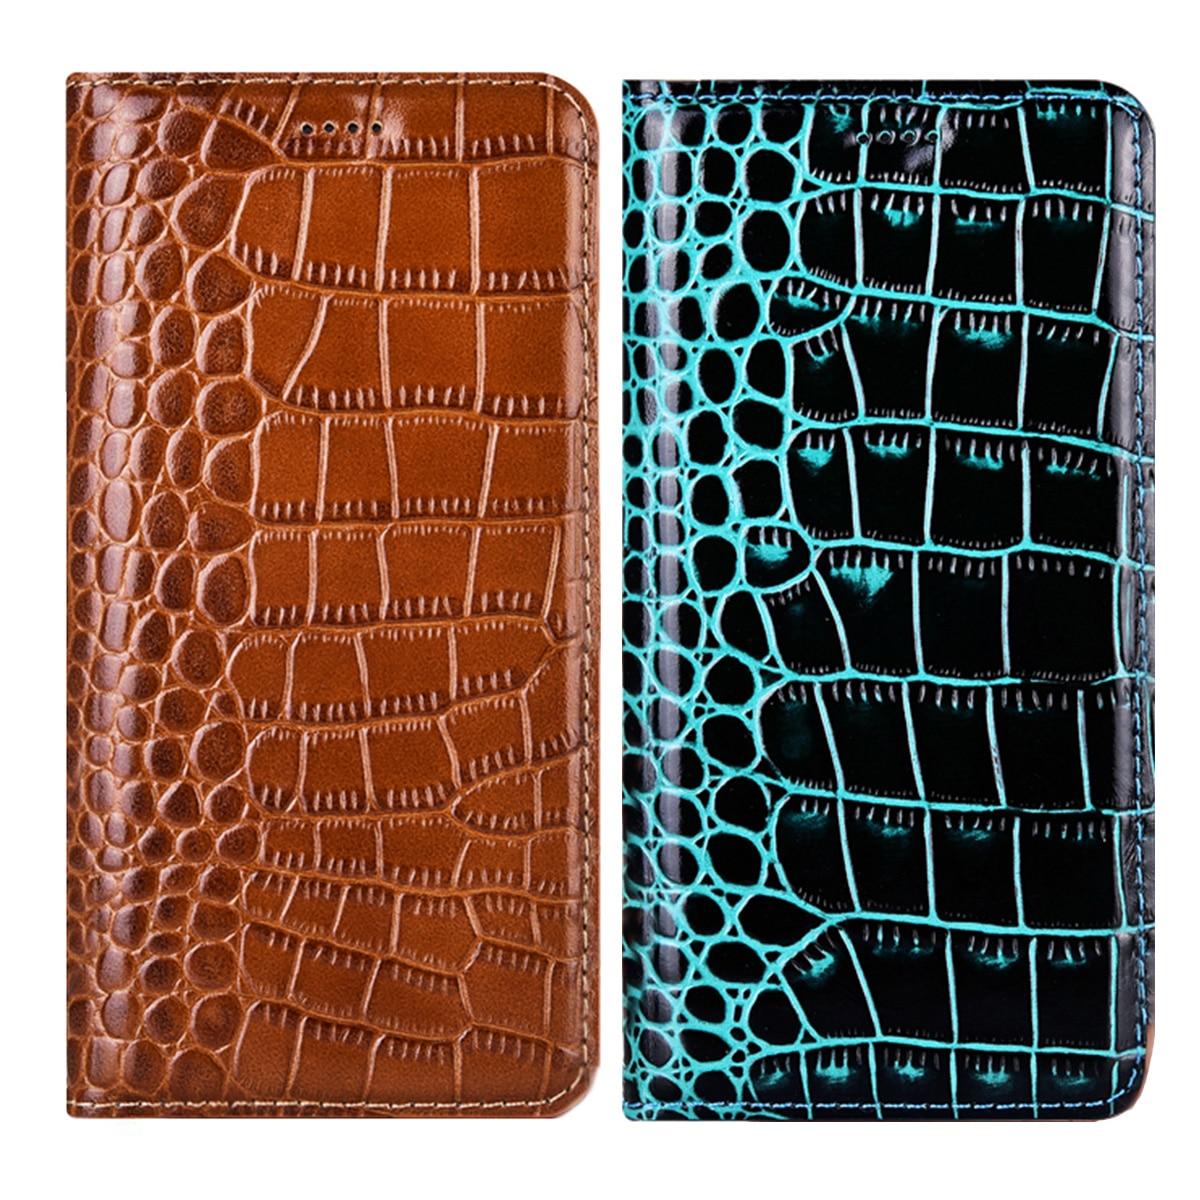 Роскошный бизнес флип крокодил натуральная кожа чехол для телефона для huawei Honor 8 9 10 Lite 20 Pro 20S 8X 9X Play чехол Coque